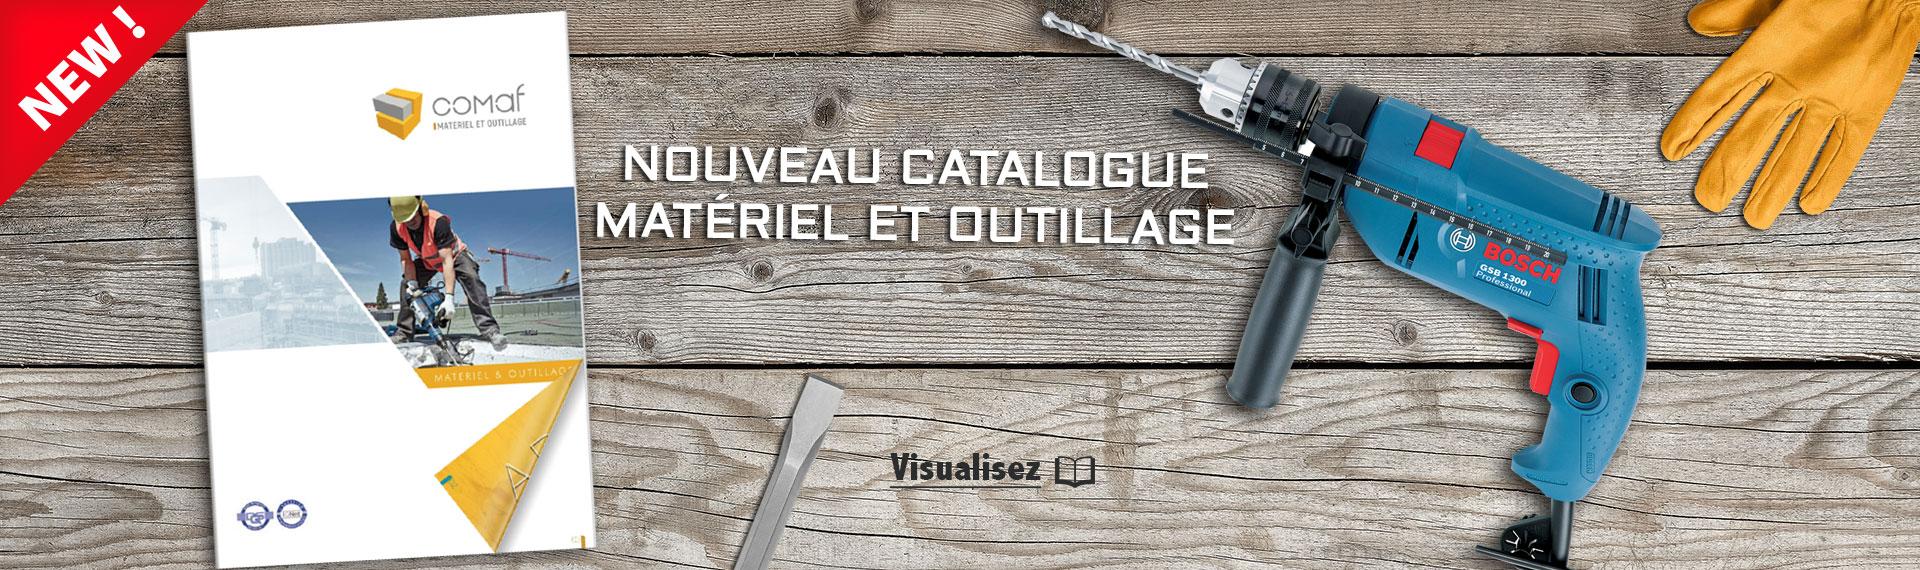 Catalogue Matériel et outillage